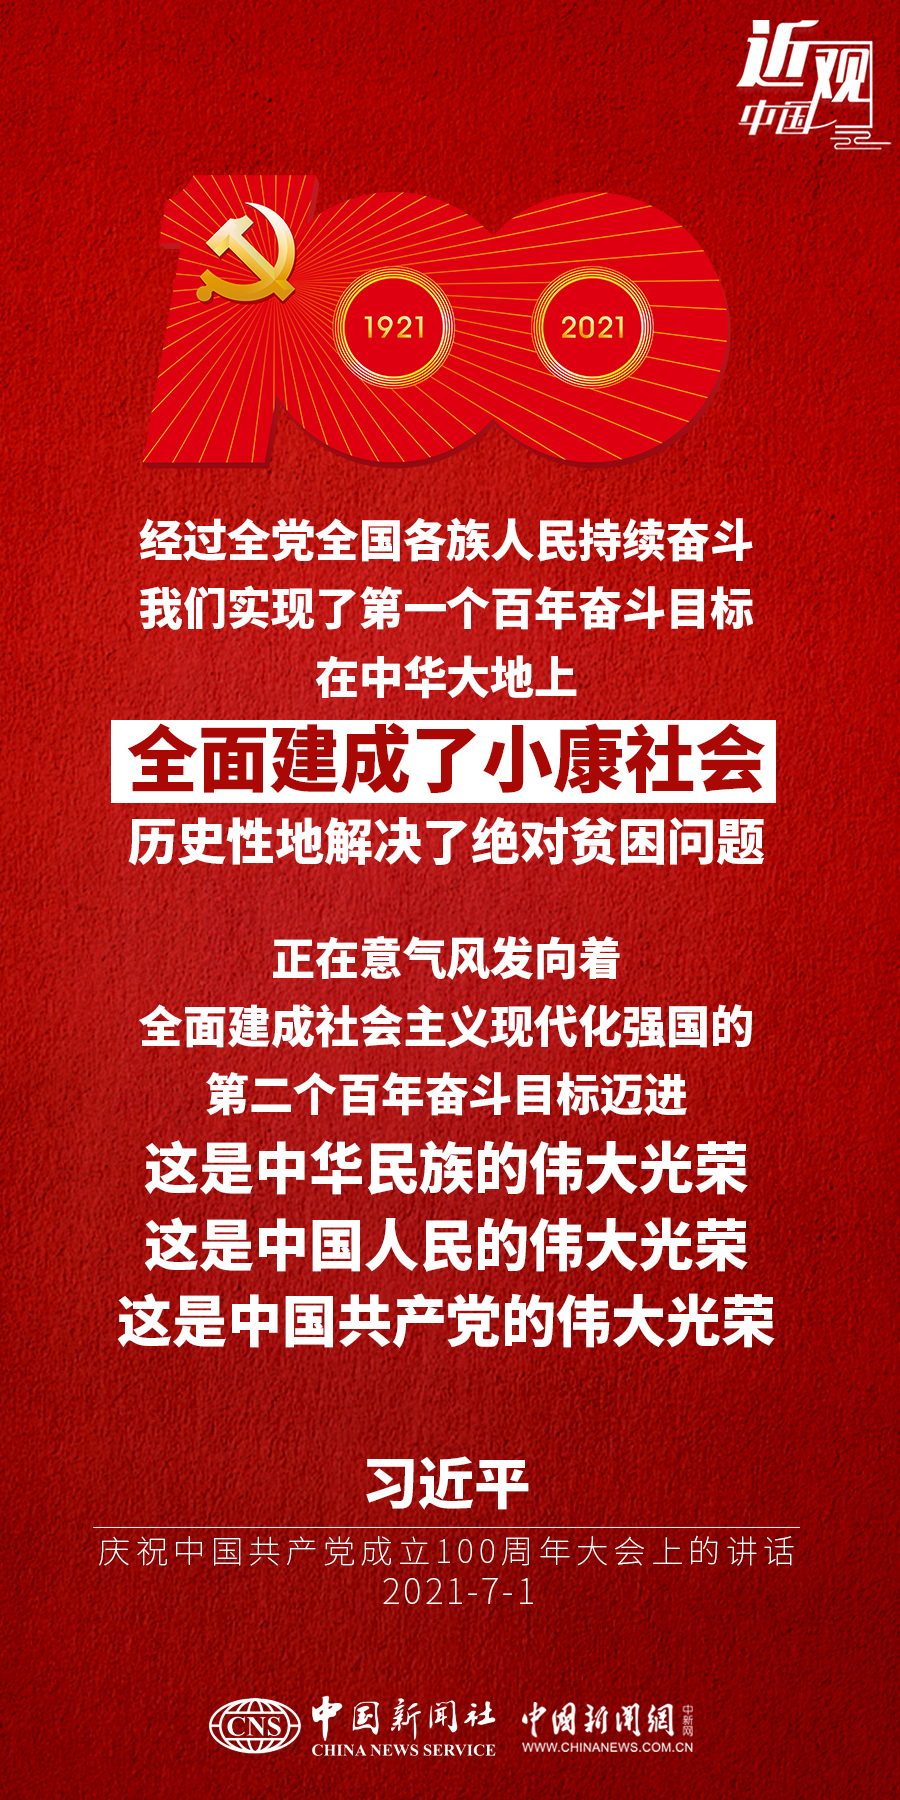 习近平庄严宣告:中华大地全面建成了小康社会